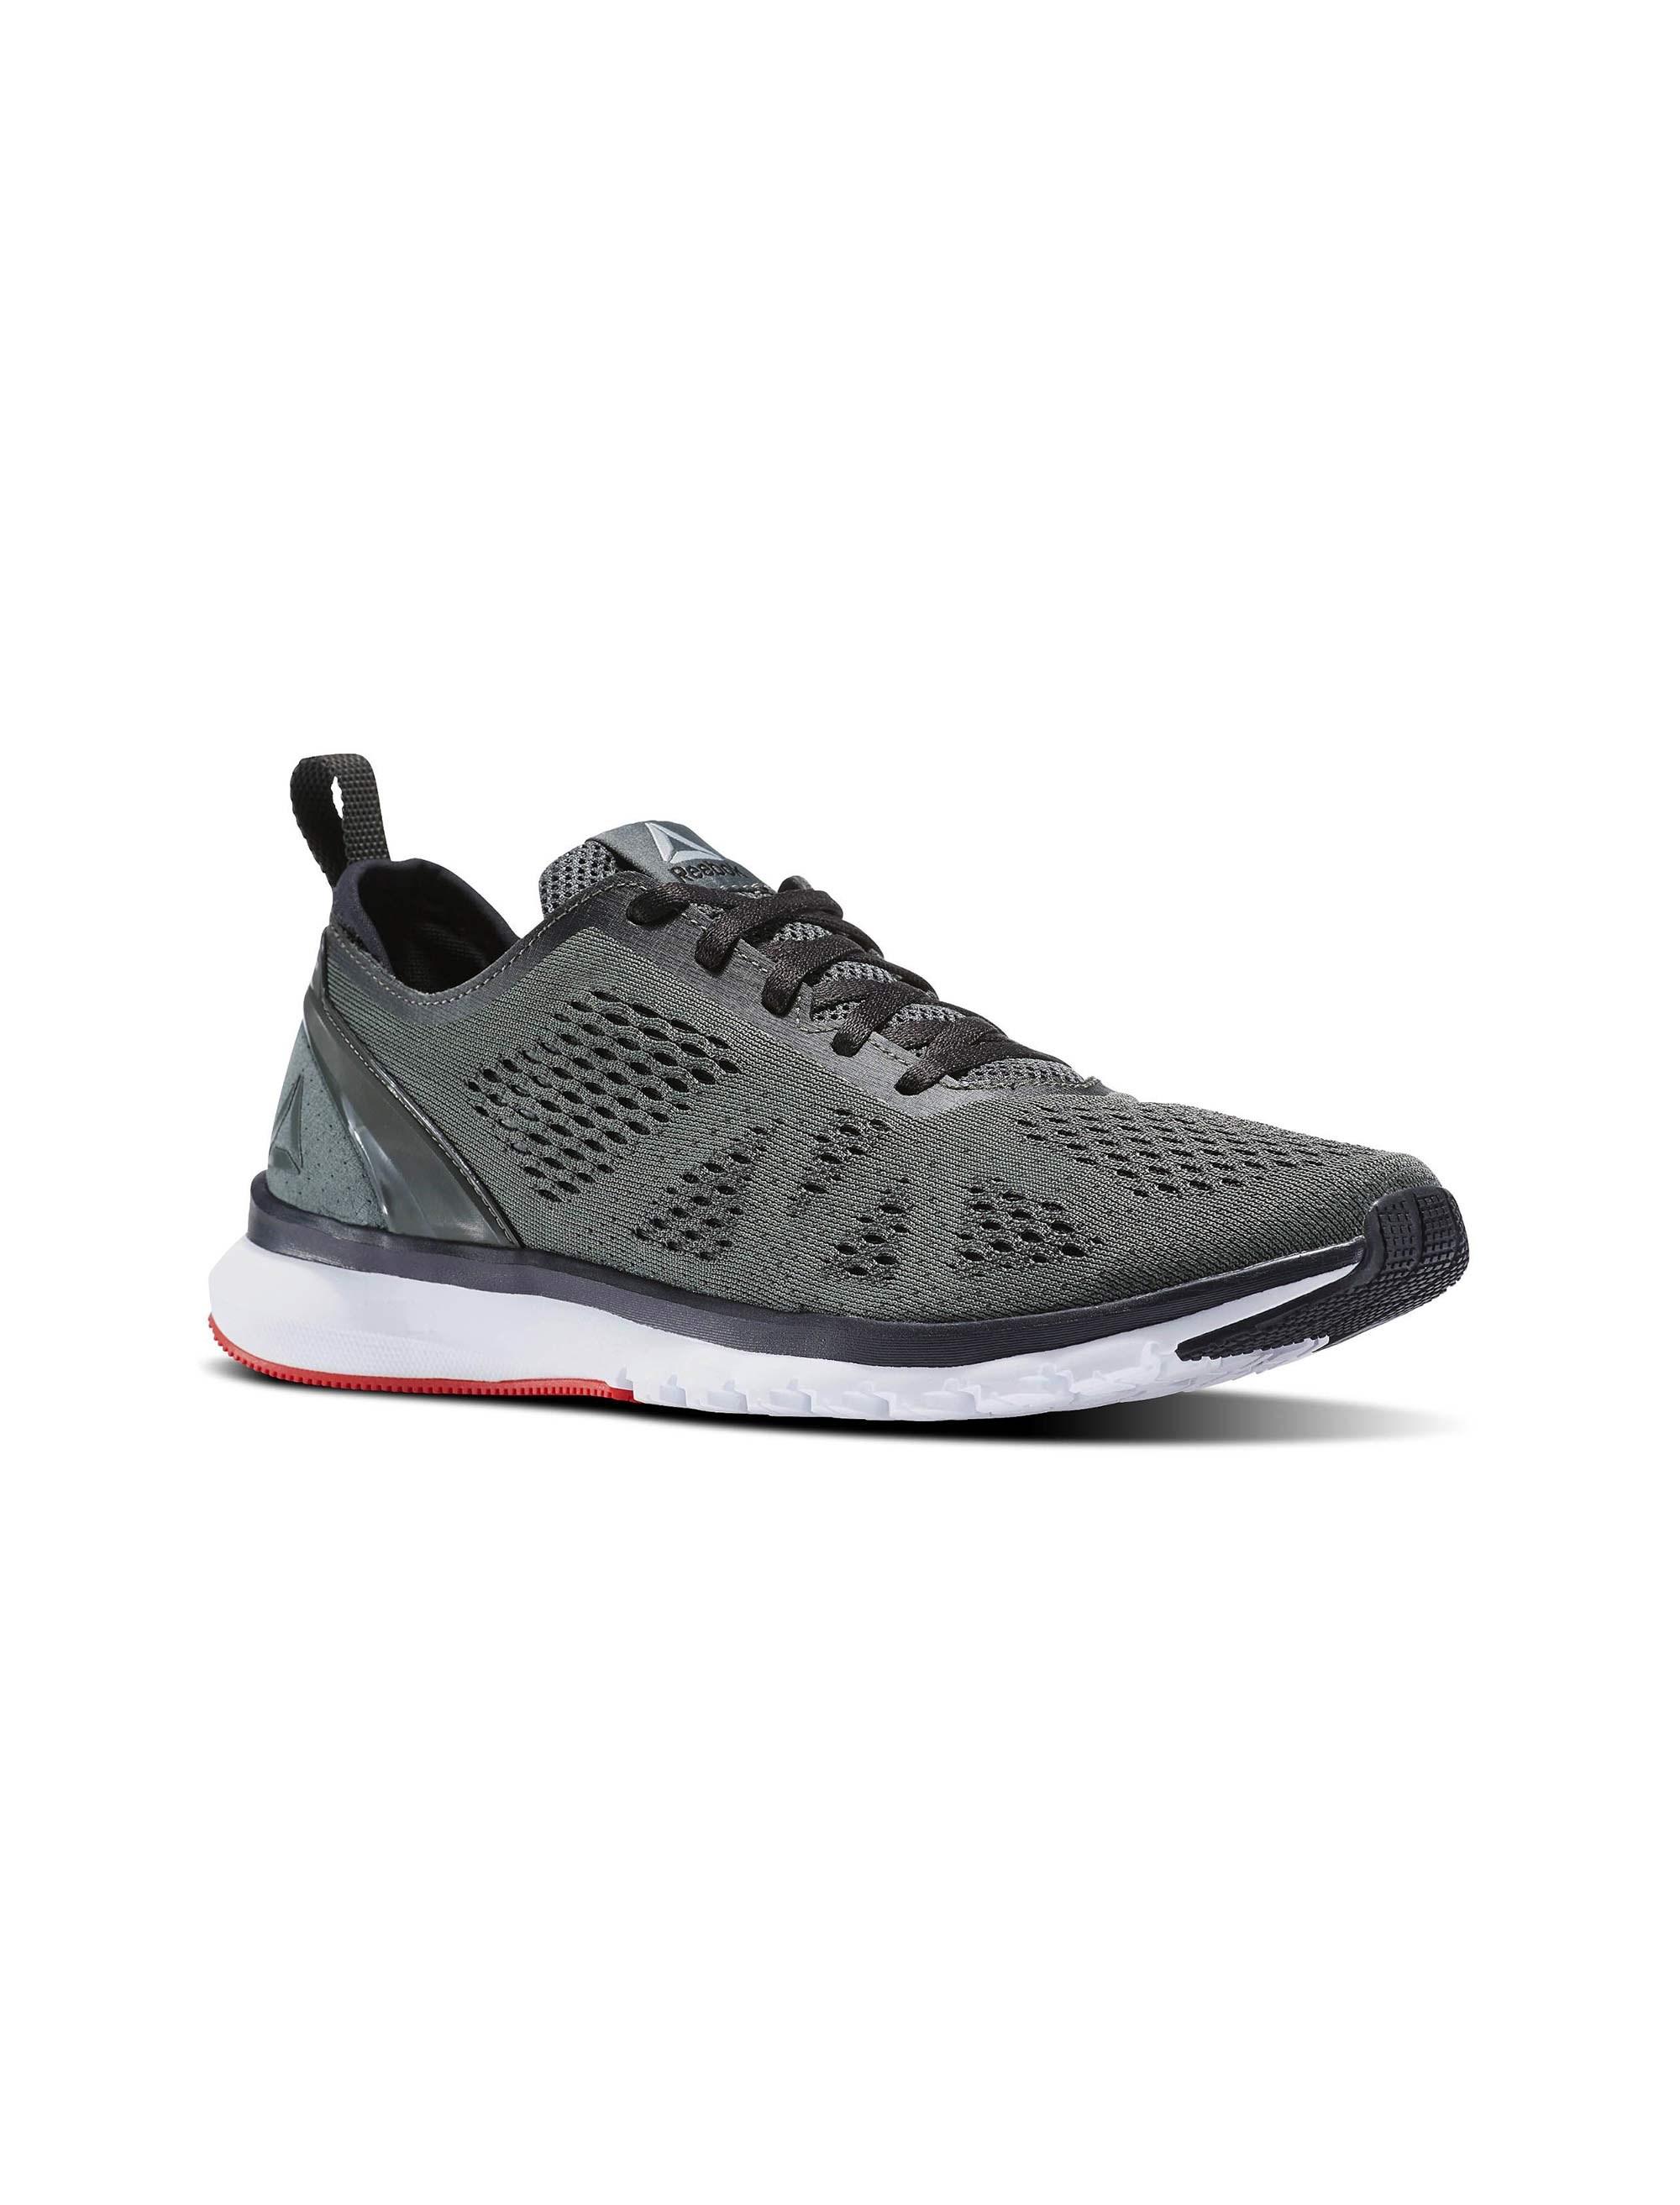 کفش دویدن بندی مردانه Smooth Clip Ultraknit - ریباک - طوسي - 4